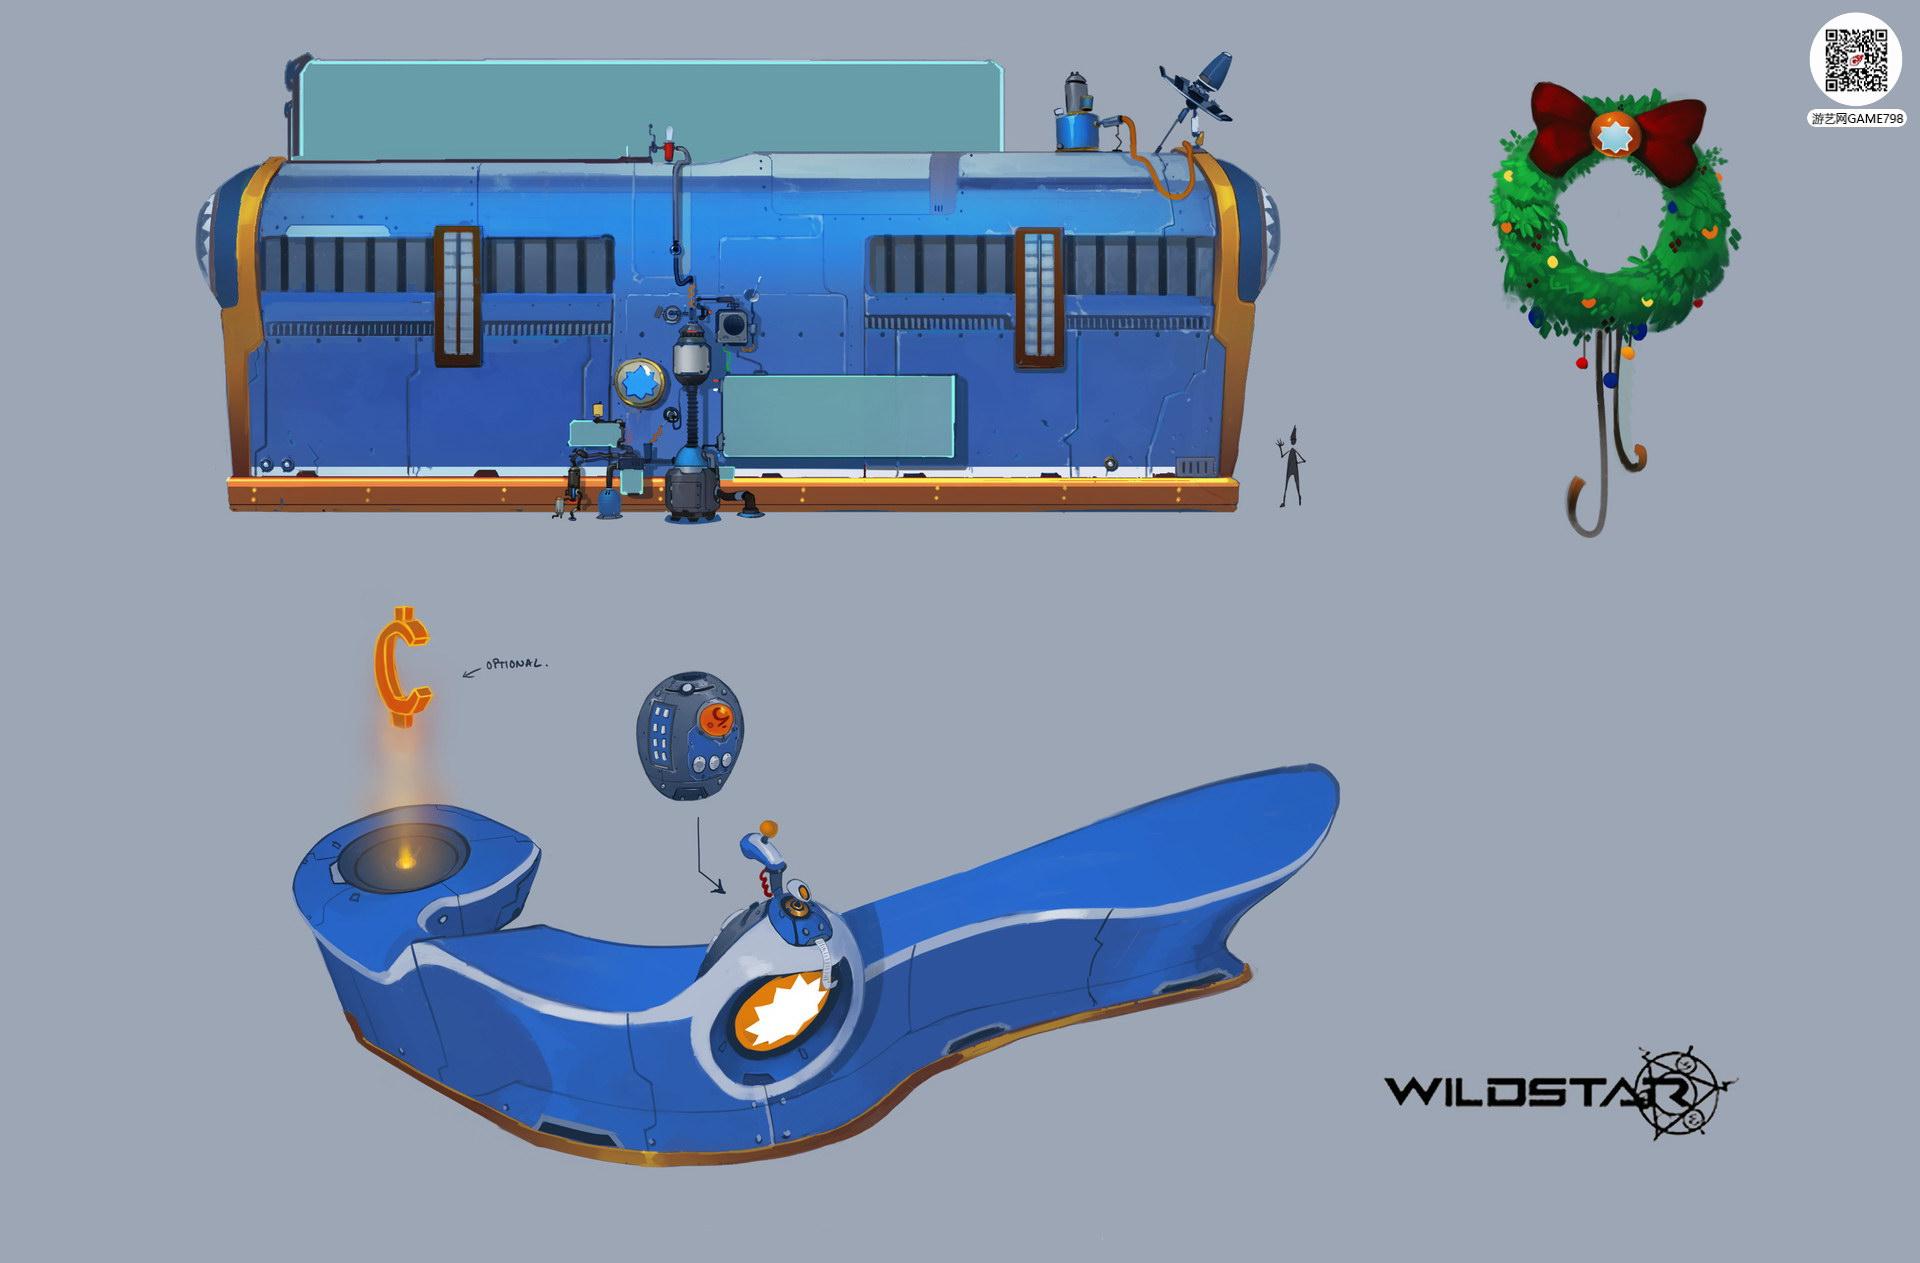 012_关注-游艺网GAME798.jpg